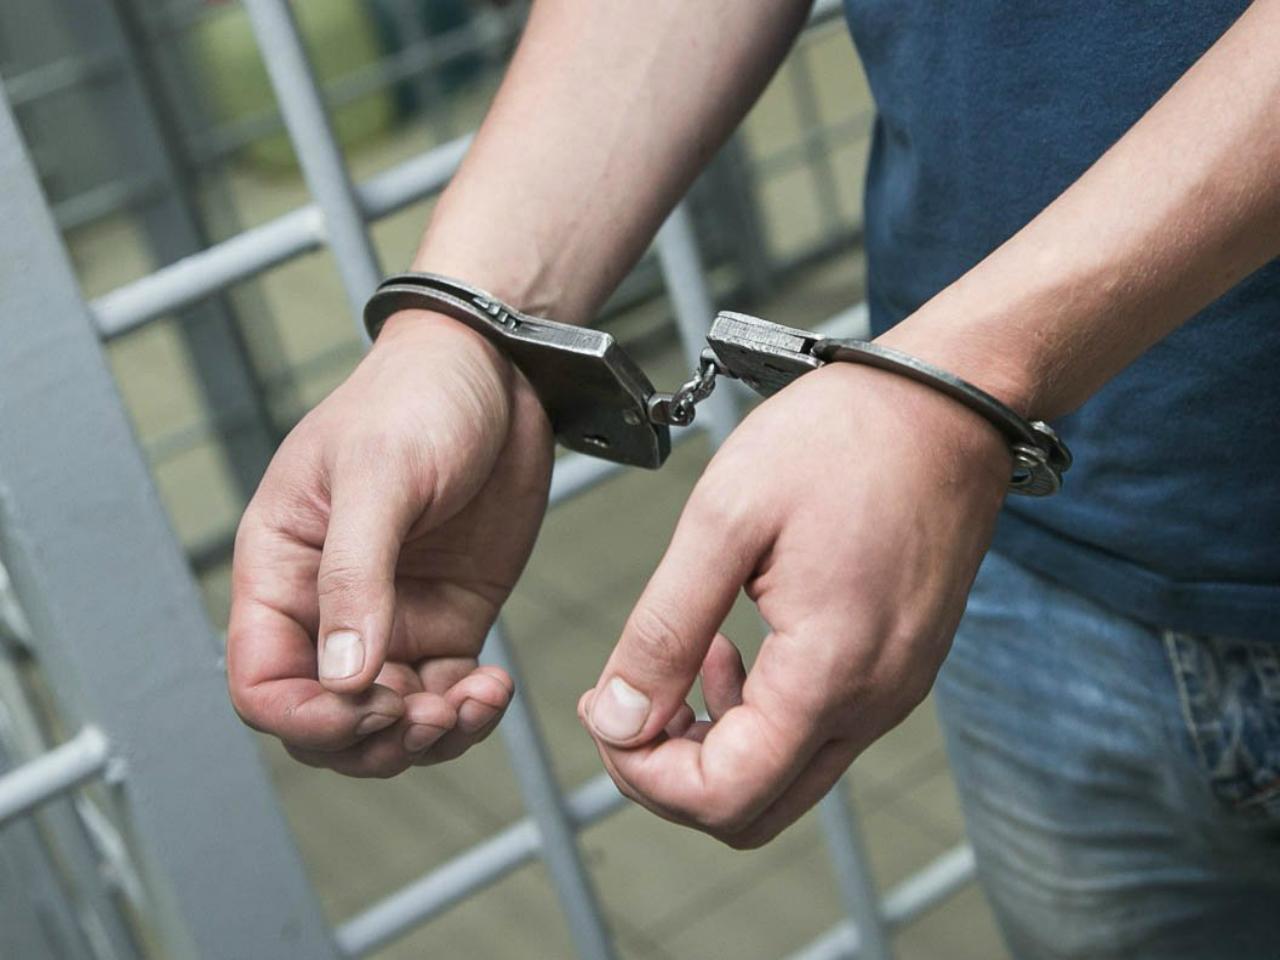 В Марий Эл полицейские нашли грабителя сервиса шиномонтажа